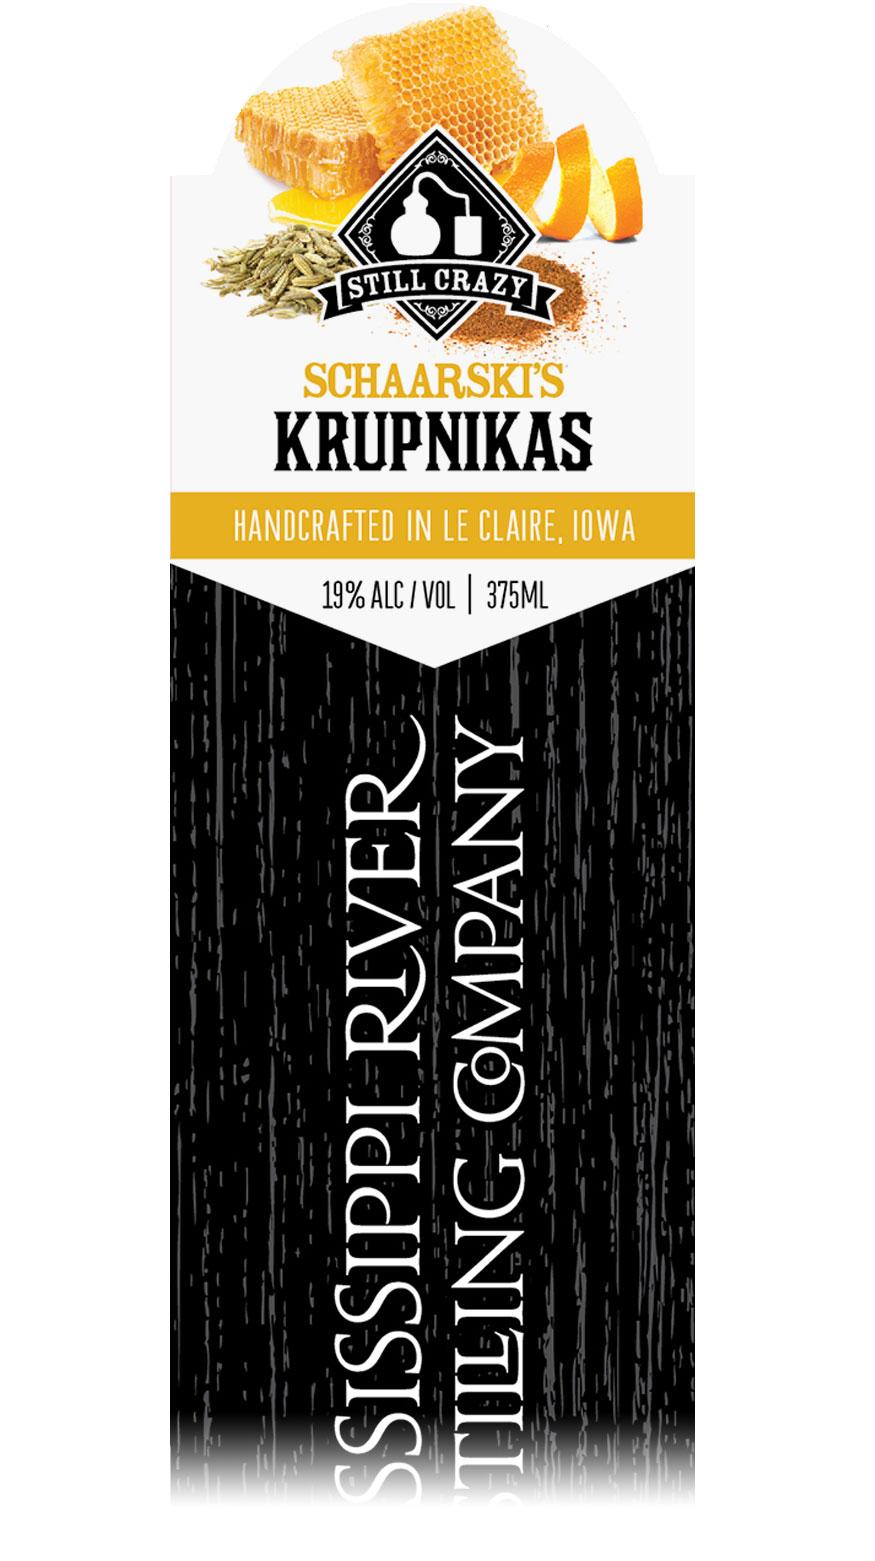 Schaarski's Krupnikas label